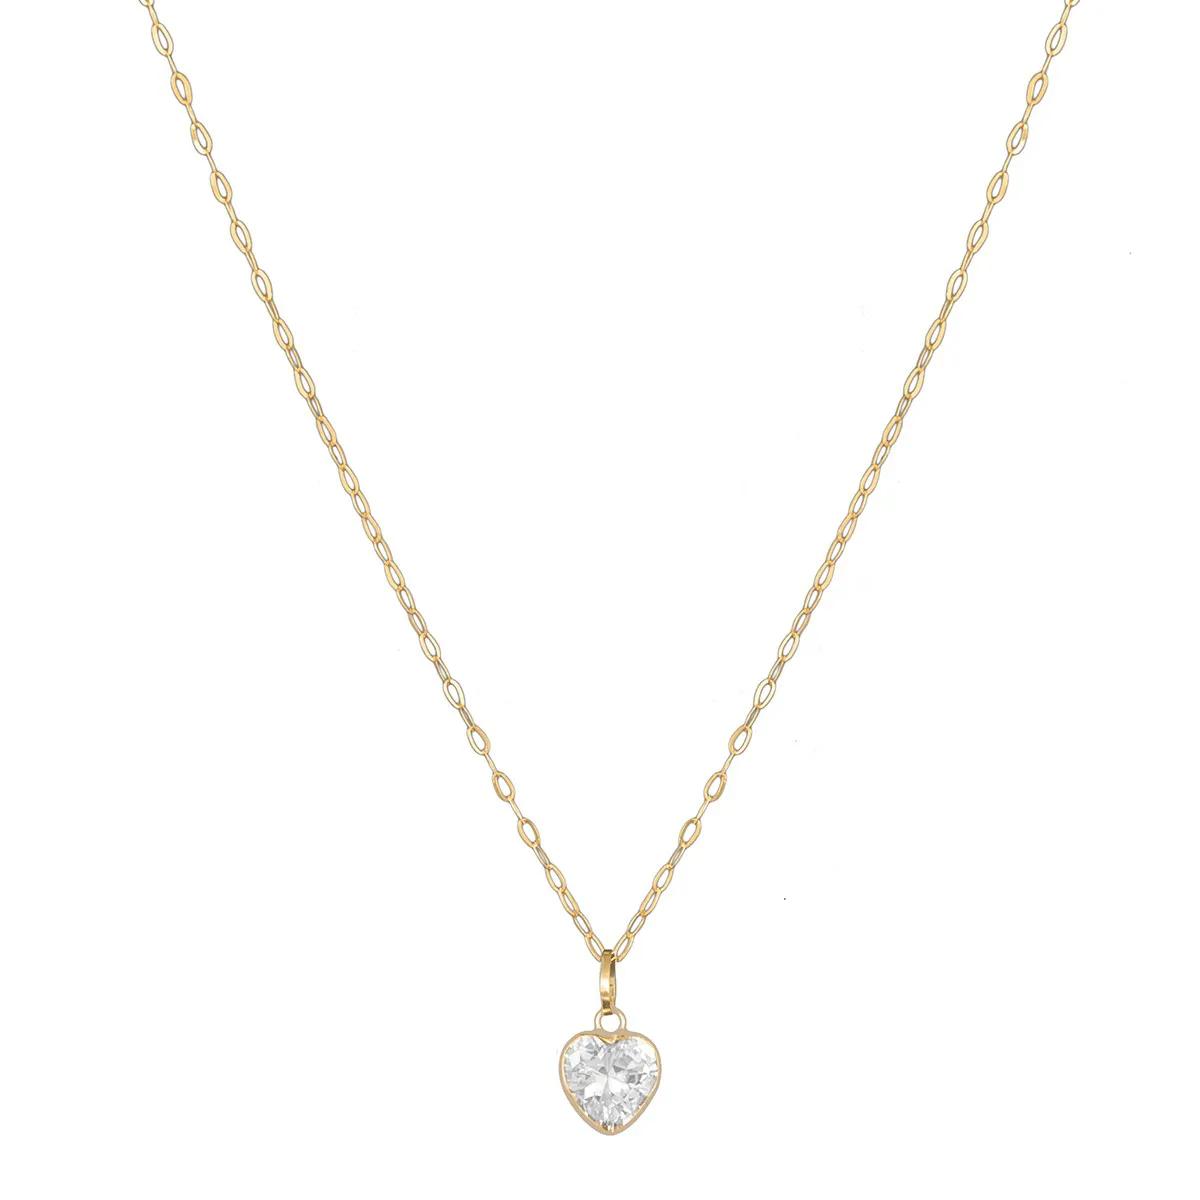 Cordão Colar Corrente Feminina 40cm Com Pingente Coração De Ouro 18k